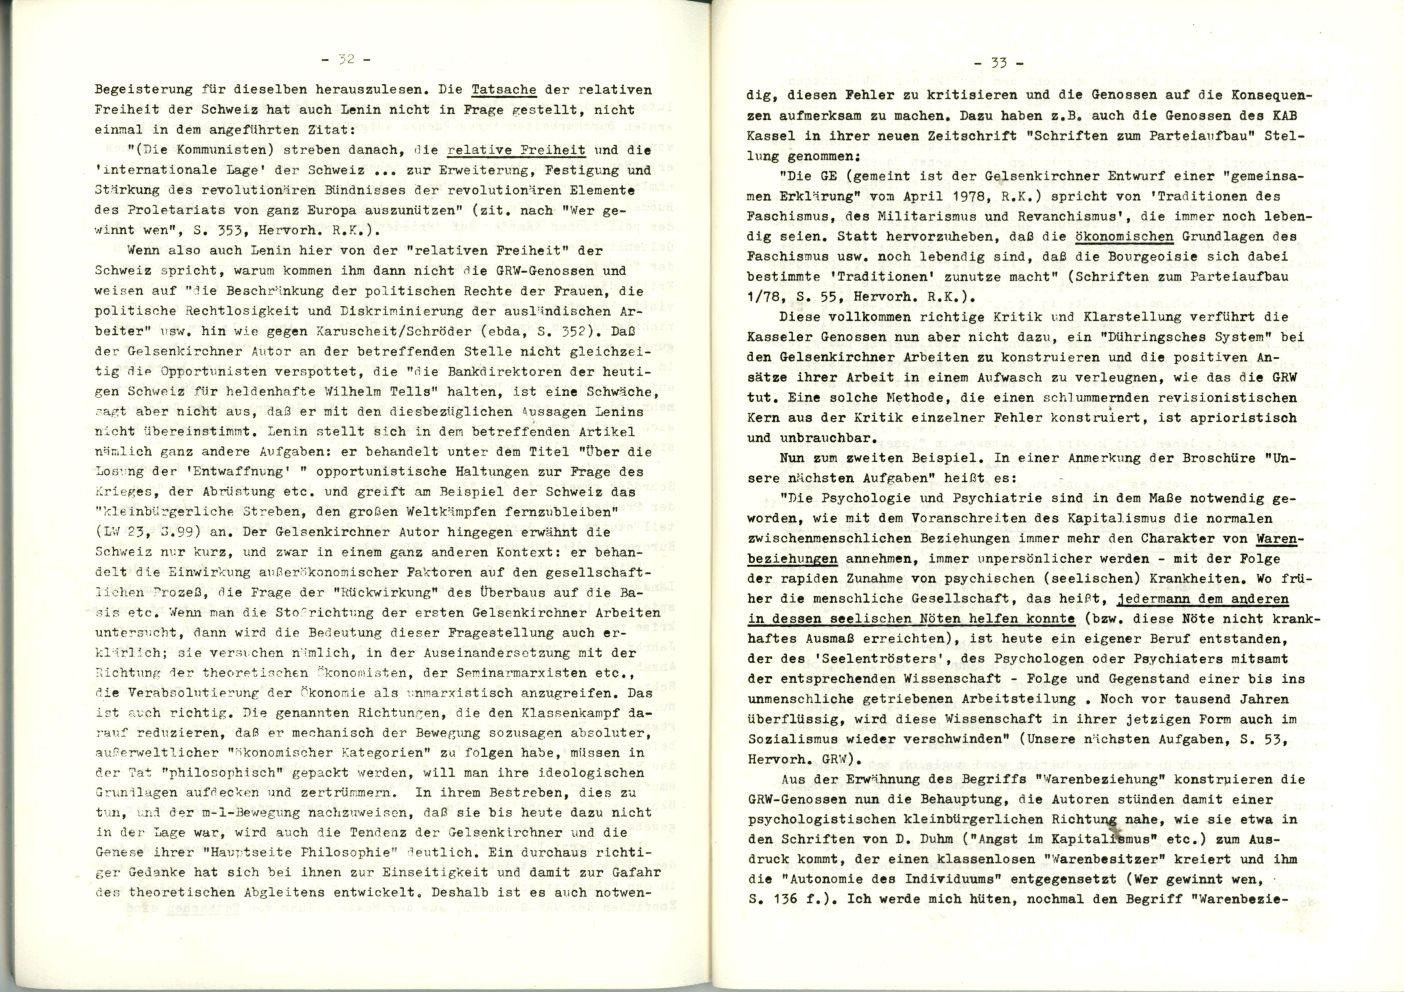 Nuernberg_Fuerth_Erlangen_ML_Diskussionsbeitraege_1979_02_17